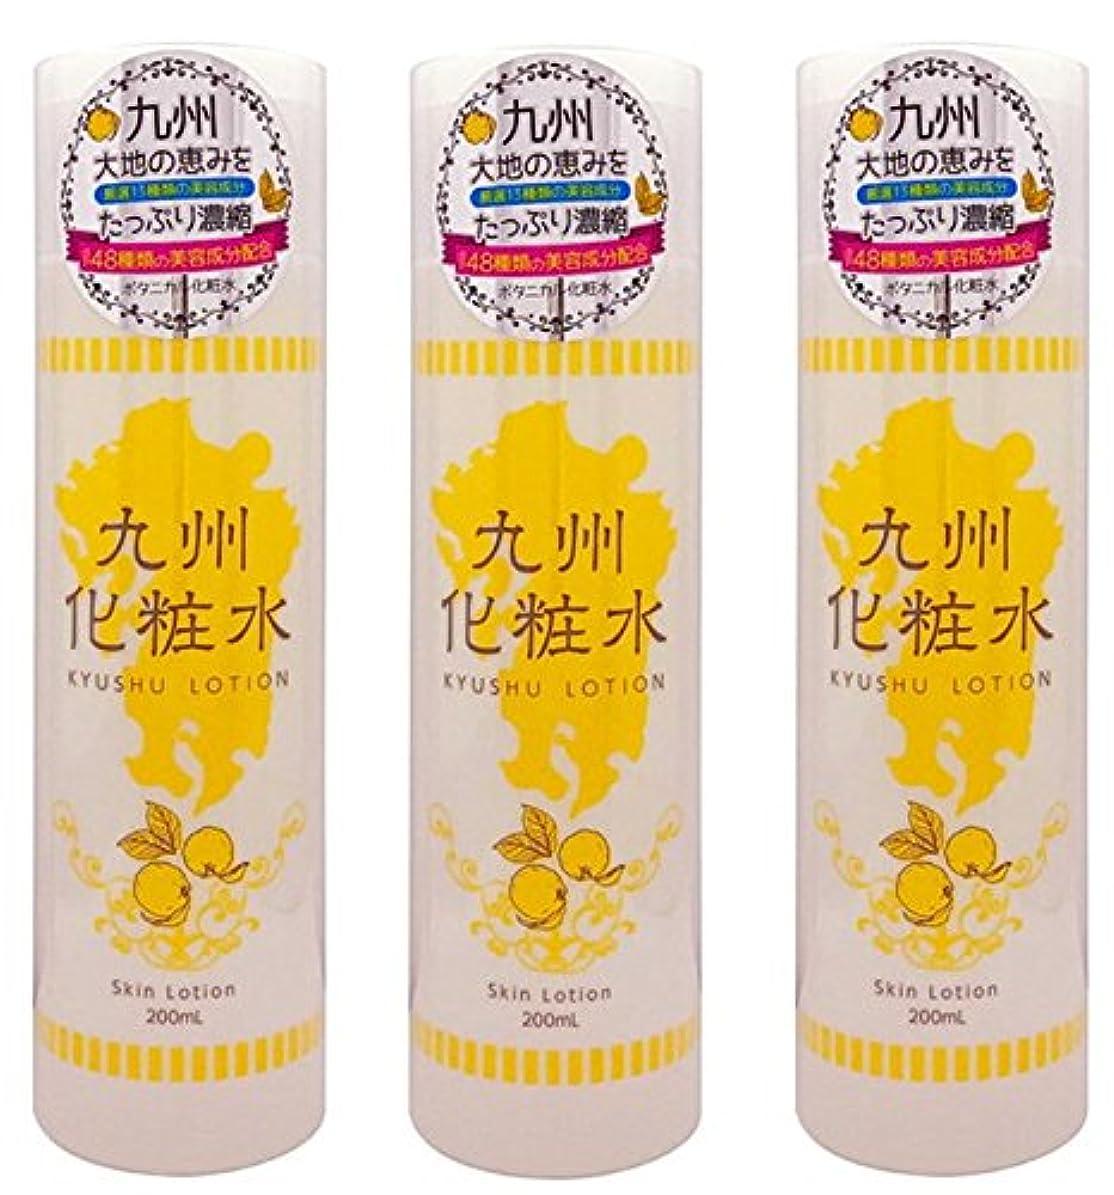 おなかがすいたファックス勘違いする九州化粧水 200ml (ボタニカル化粧水) X 3本セット